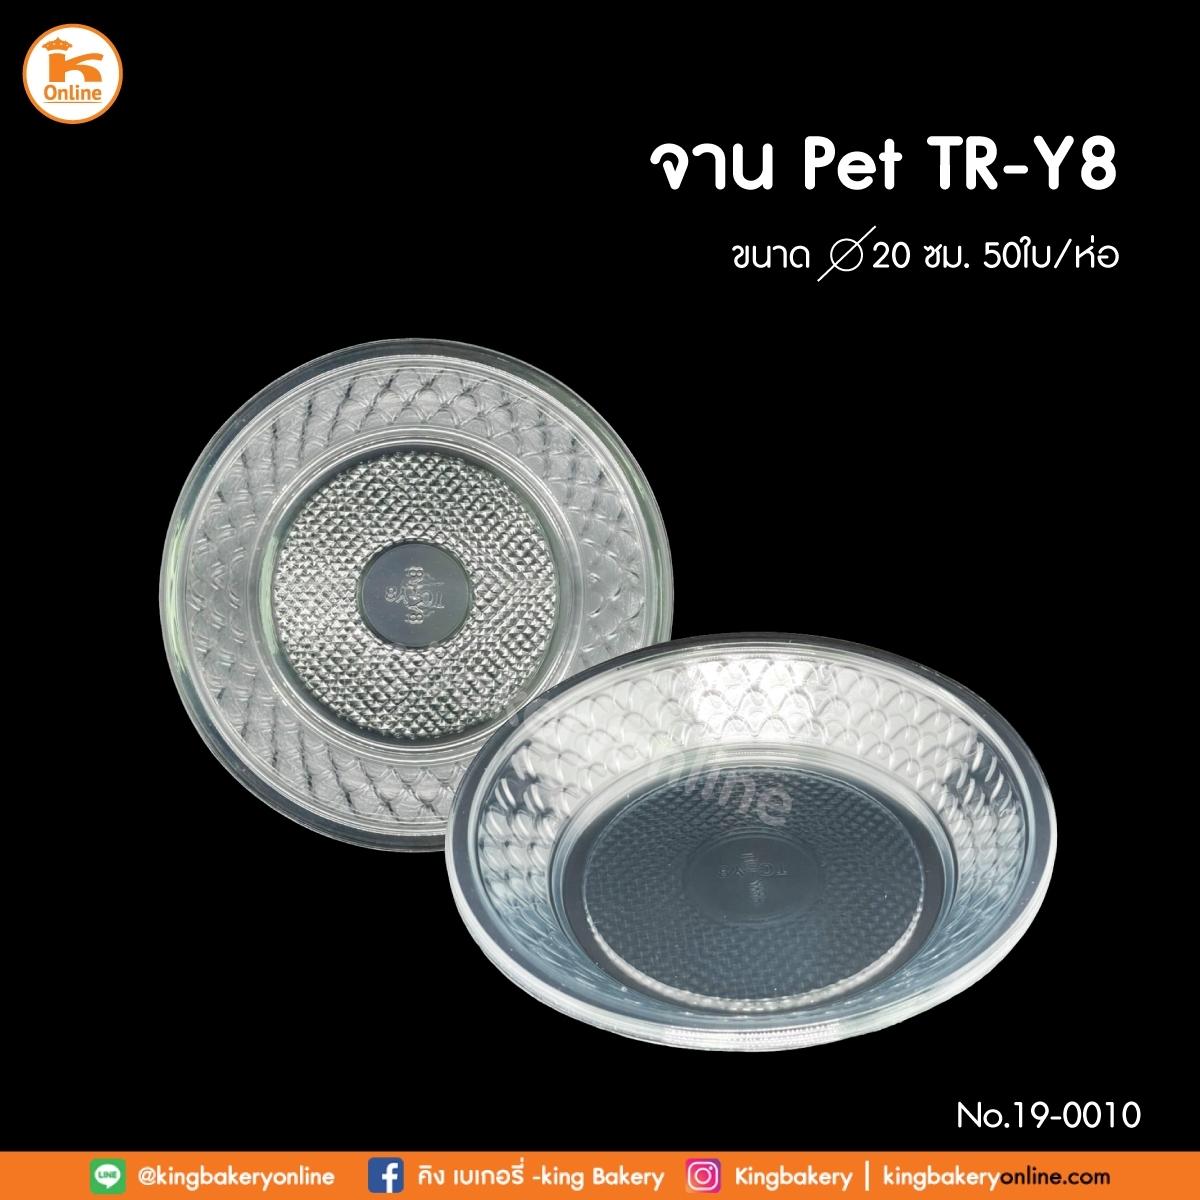 จาน PET TR-Y8 (1ลังx36ห่อ) 50 ใบ/ห่อ